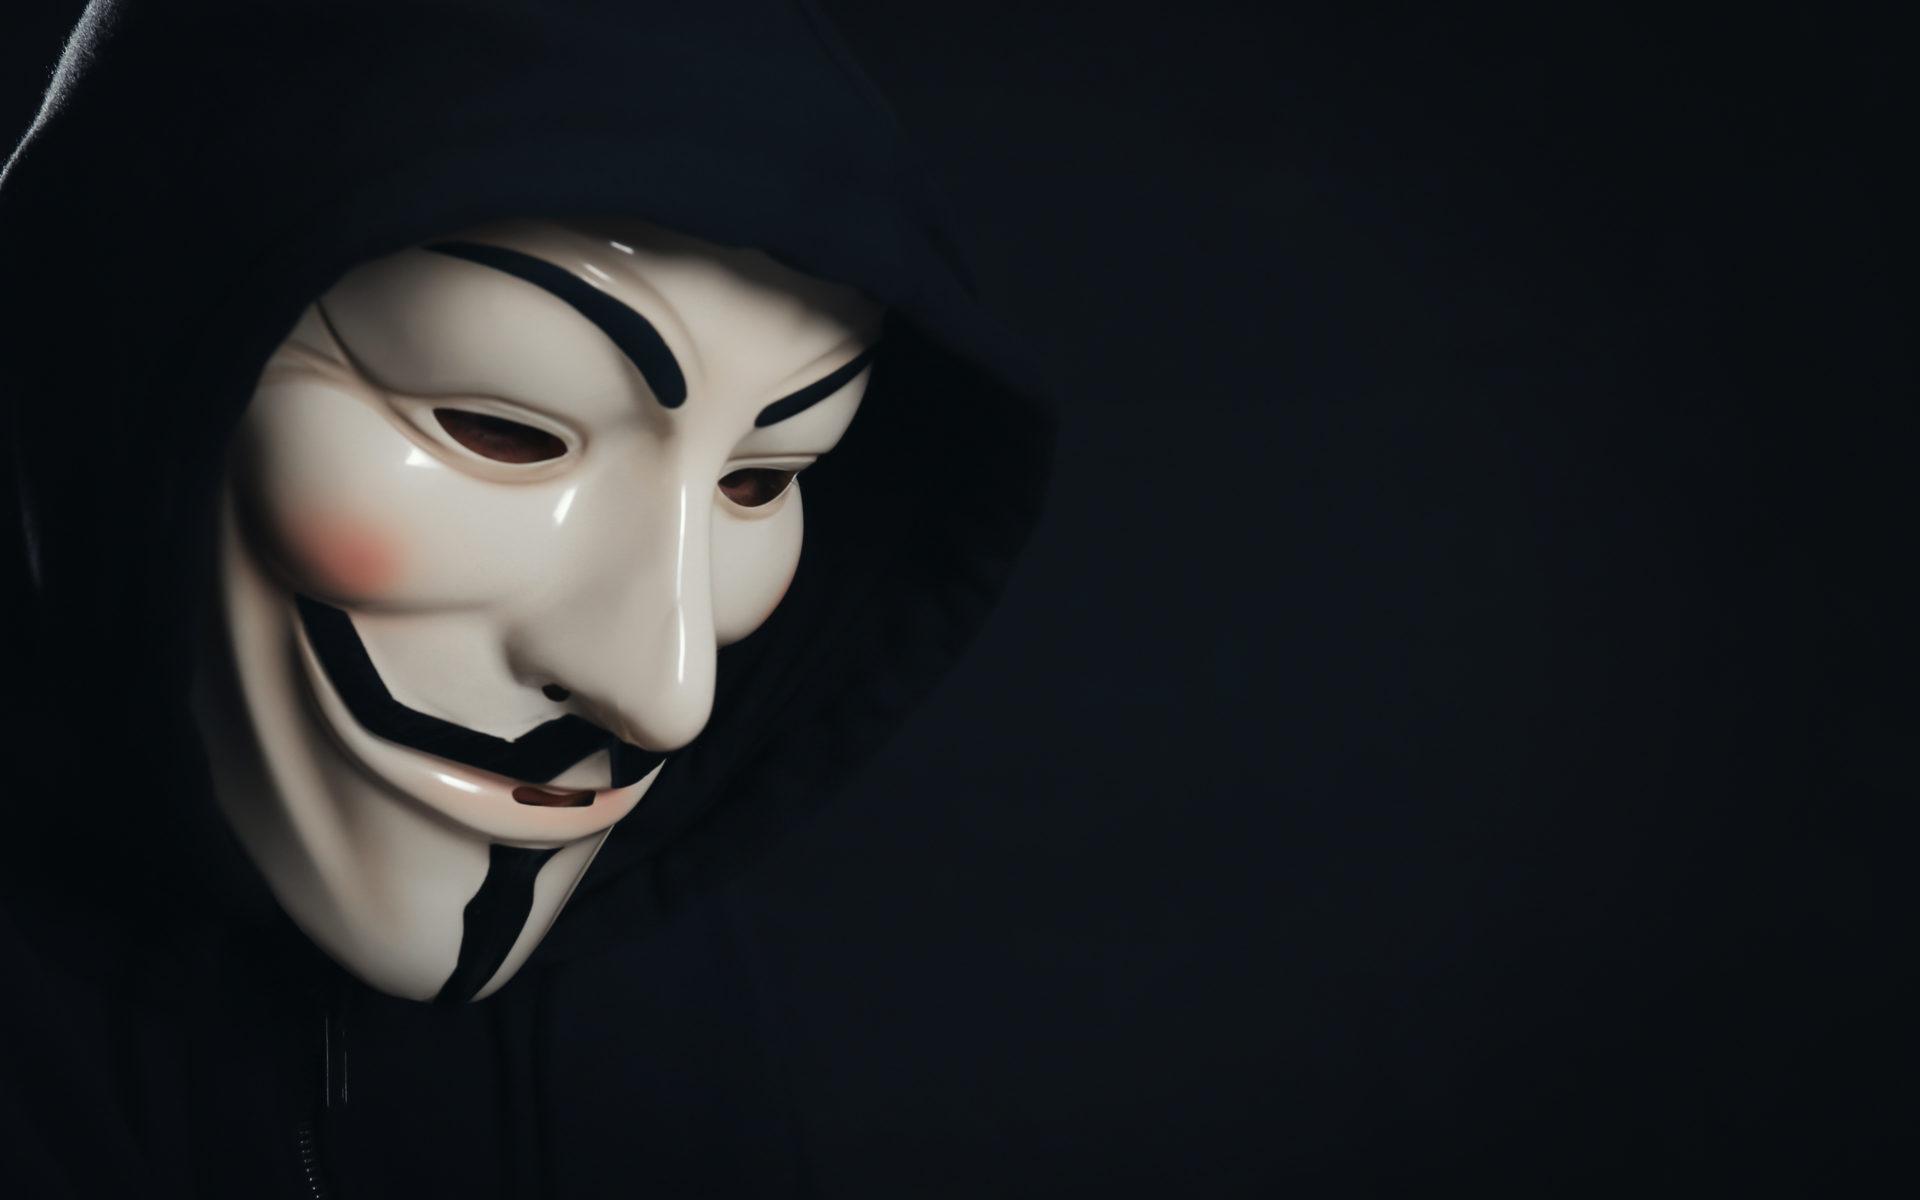 china crypto anonymity